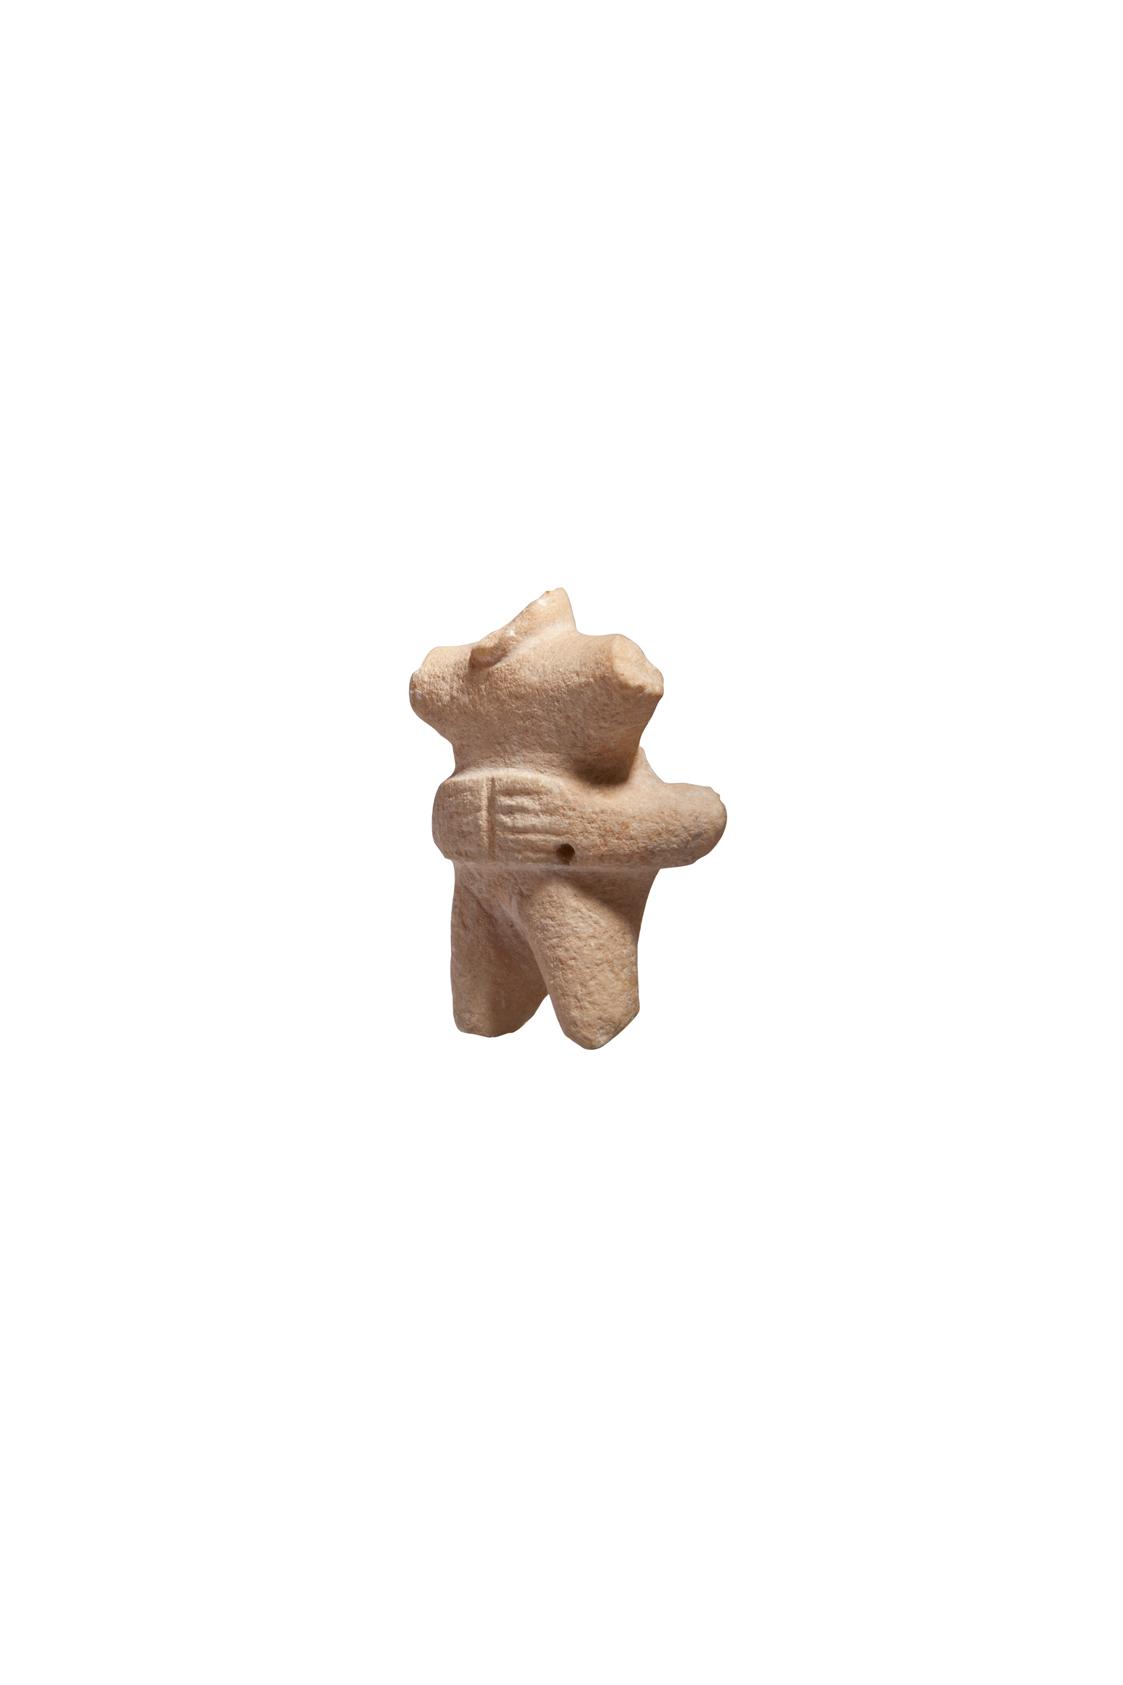 Θραύσμα μαρμάρινου συμπλέγματος μορφών, που ερμηνεύεται ως «Μητέρα και παιδί». Η μεγαλύτερη μορφή, πιθανώς γυναικεία και καθιστή, κρατούσε όρθια μπροστά στο στήθος τη μικρή. (περ. 2800-2700 π.Χ.) Αθήνα, Μουσείο Κυκλαδικής Τέχνης, ΝΓ 968. Photo © Μουσείο Κυκλαδικής Τέχνης/Ειρ. Μίαρη